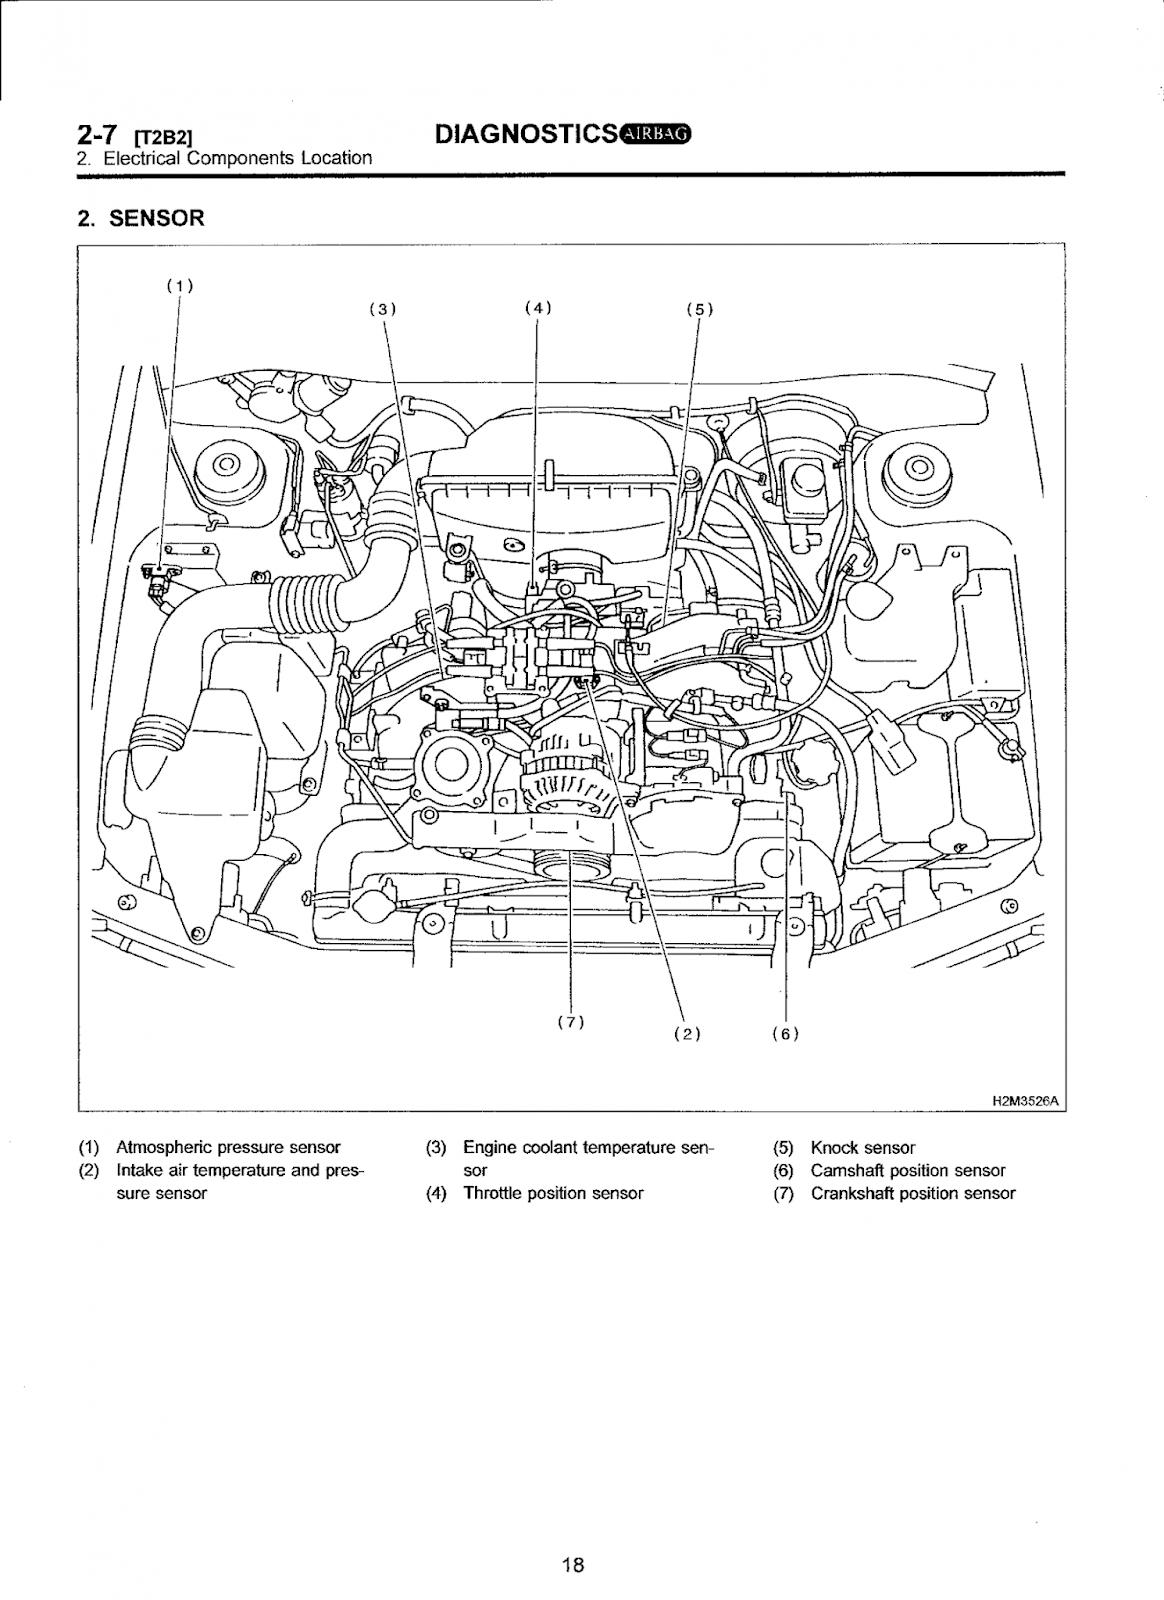 subaru impreza boxer engine diagram | subaru forester, subaru, subaru  impreza  pinterest